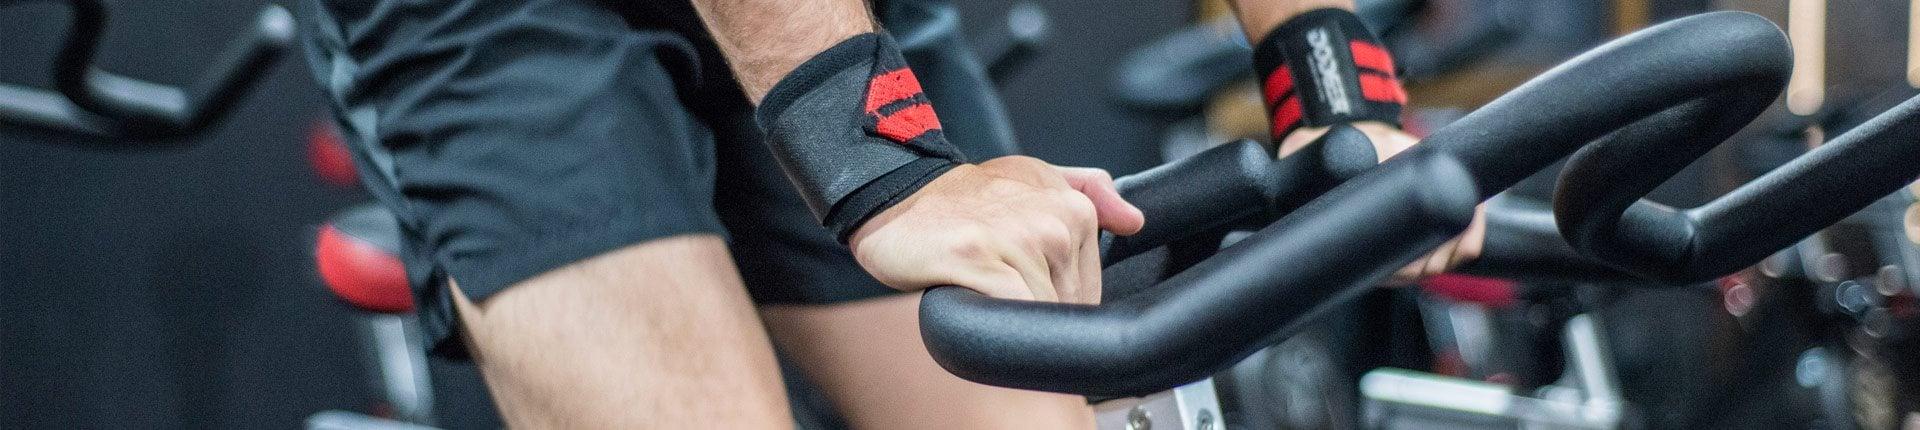 Trening, a zespół metaboliczny